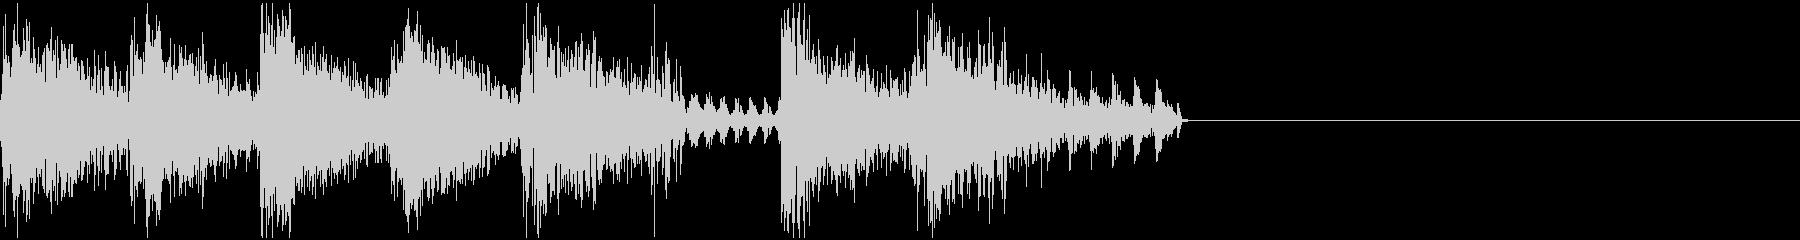 ファミコン・ゲーム風  ジングル1の未再生の波形